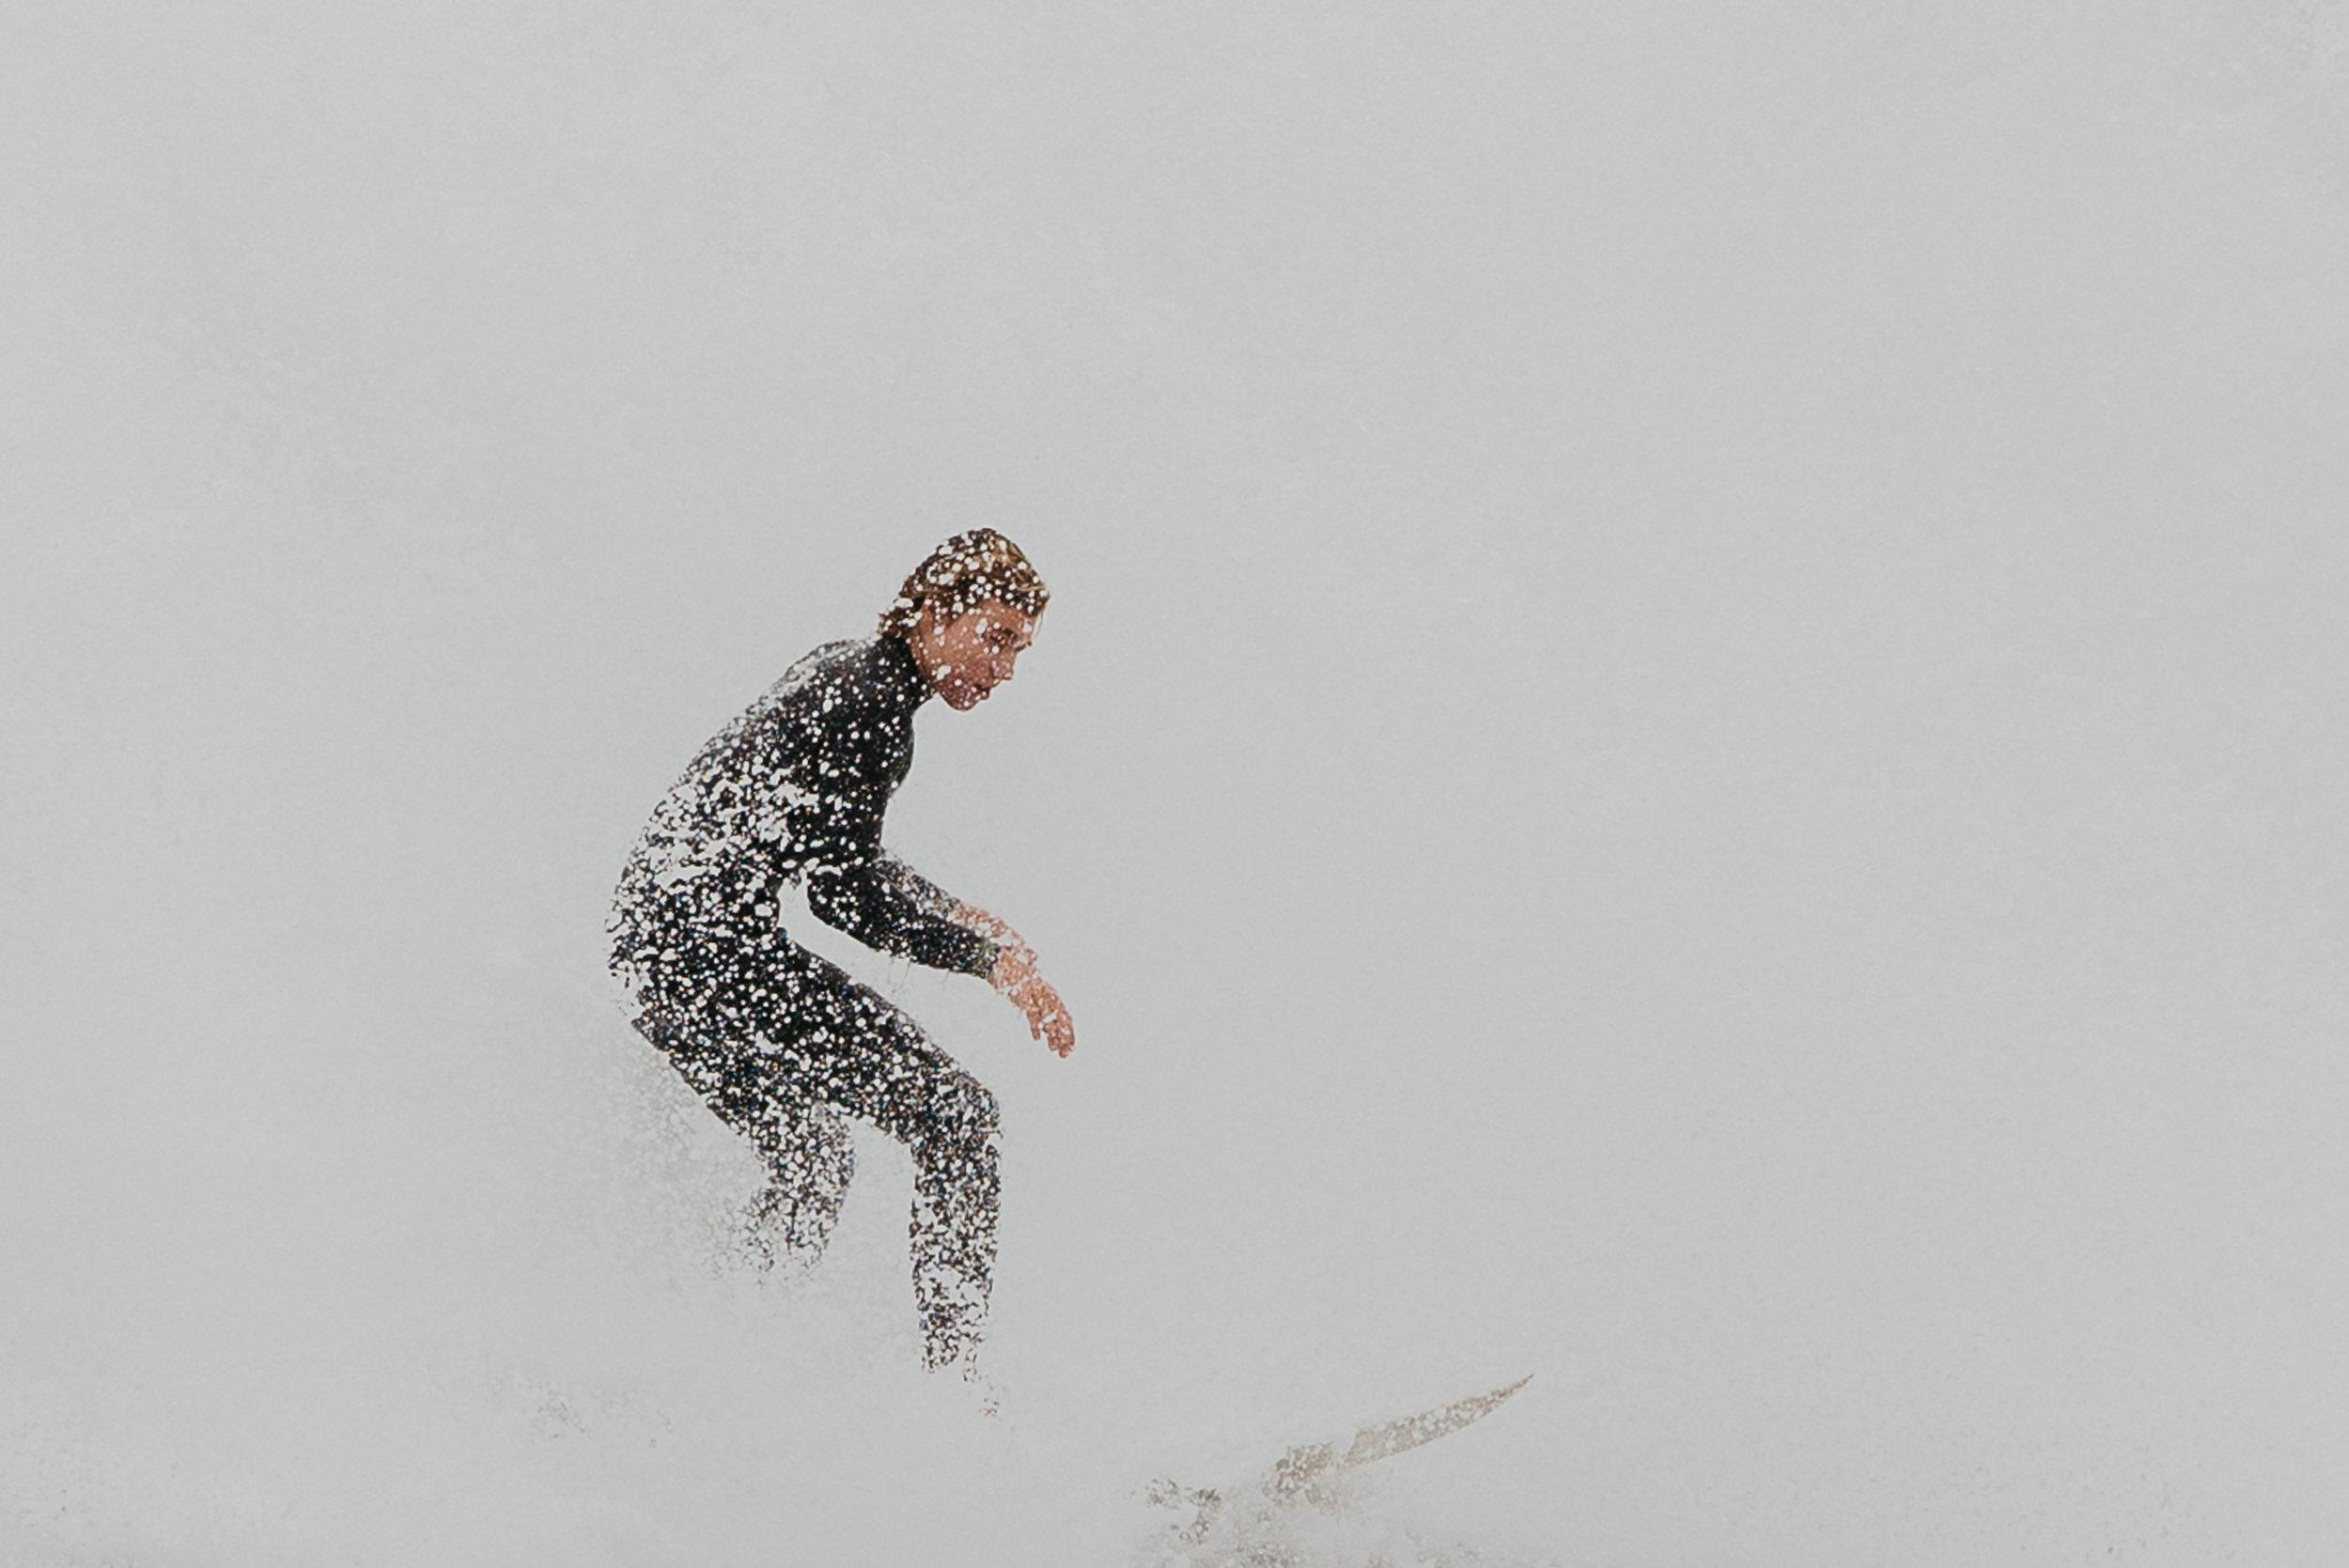 SurfingLifestyle3.JPG